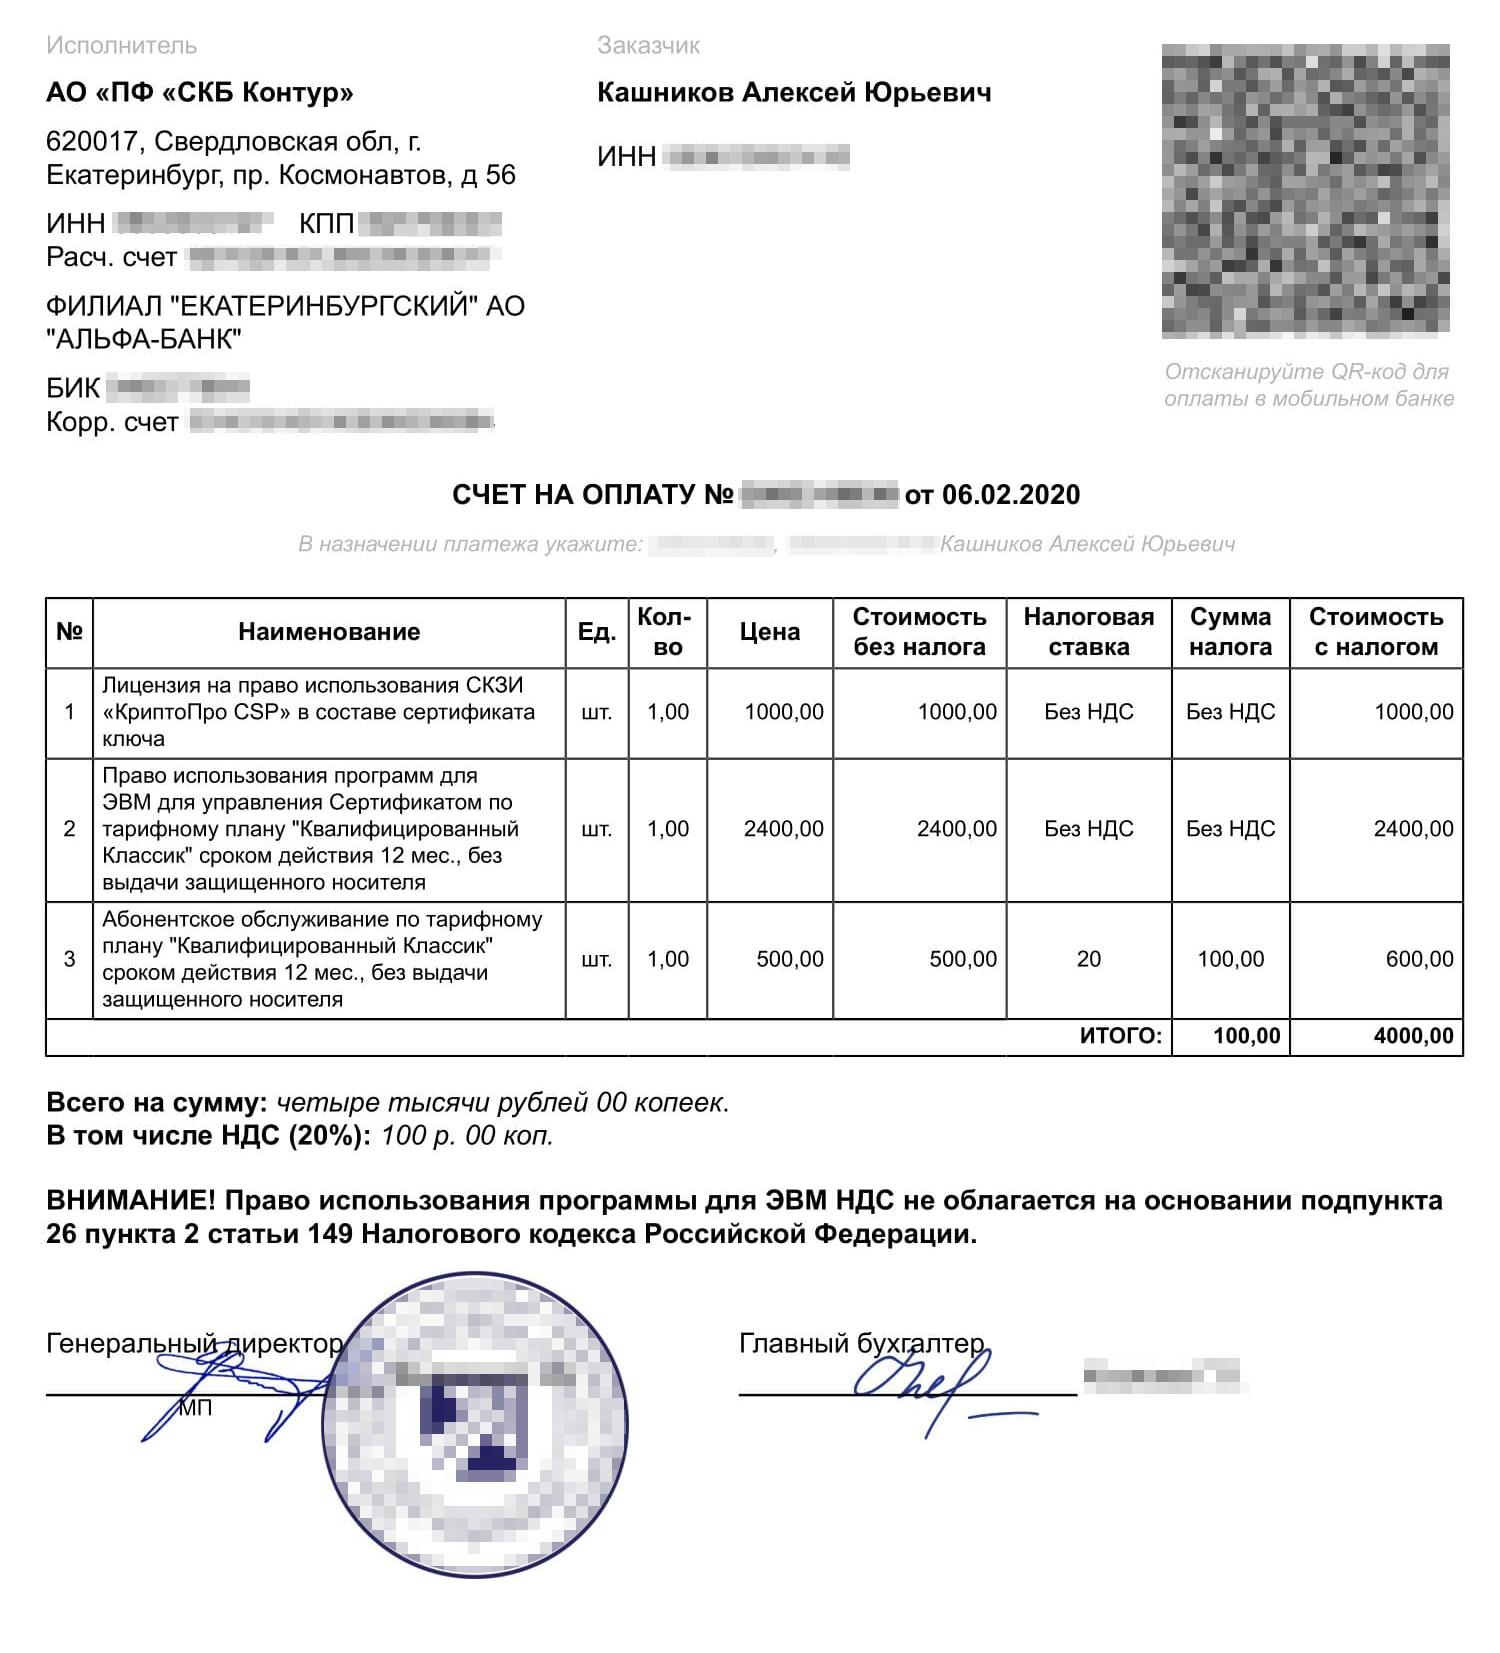 Продлить работу электронной подписи еще на&nbsp;год мне стоило 4000&nbsp;<span class=ruble>Р</span>, то&nbsp;есть на&nbsp;500&nbsp;<span class=ruble>Р</span> дешевле, чем сделать новую